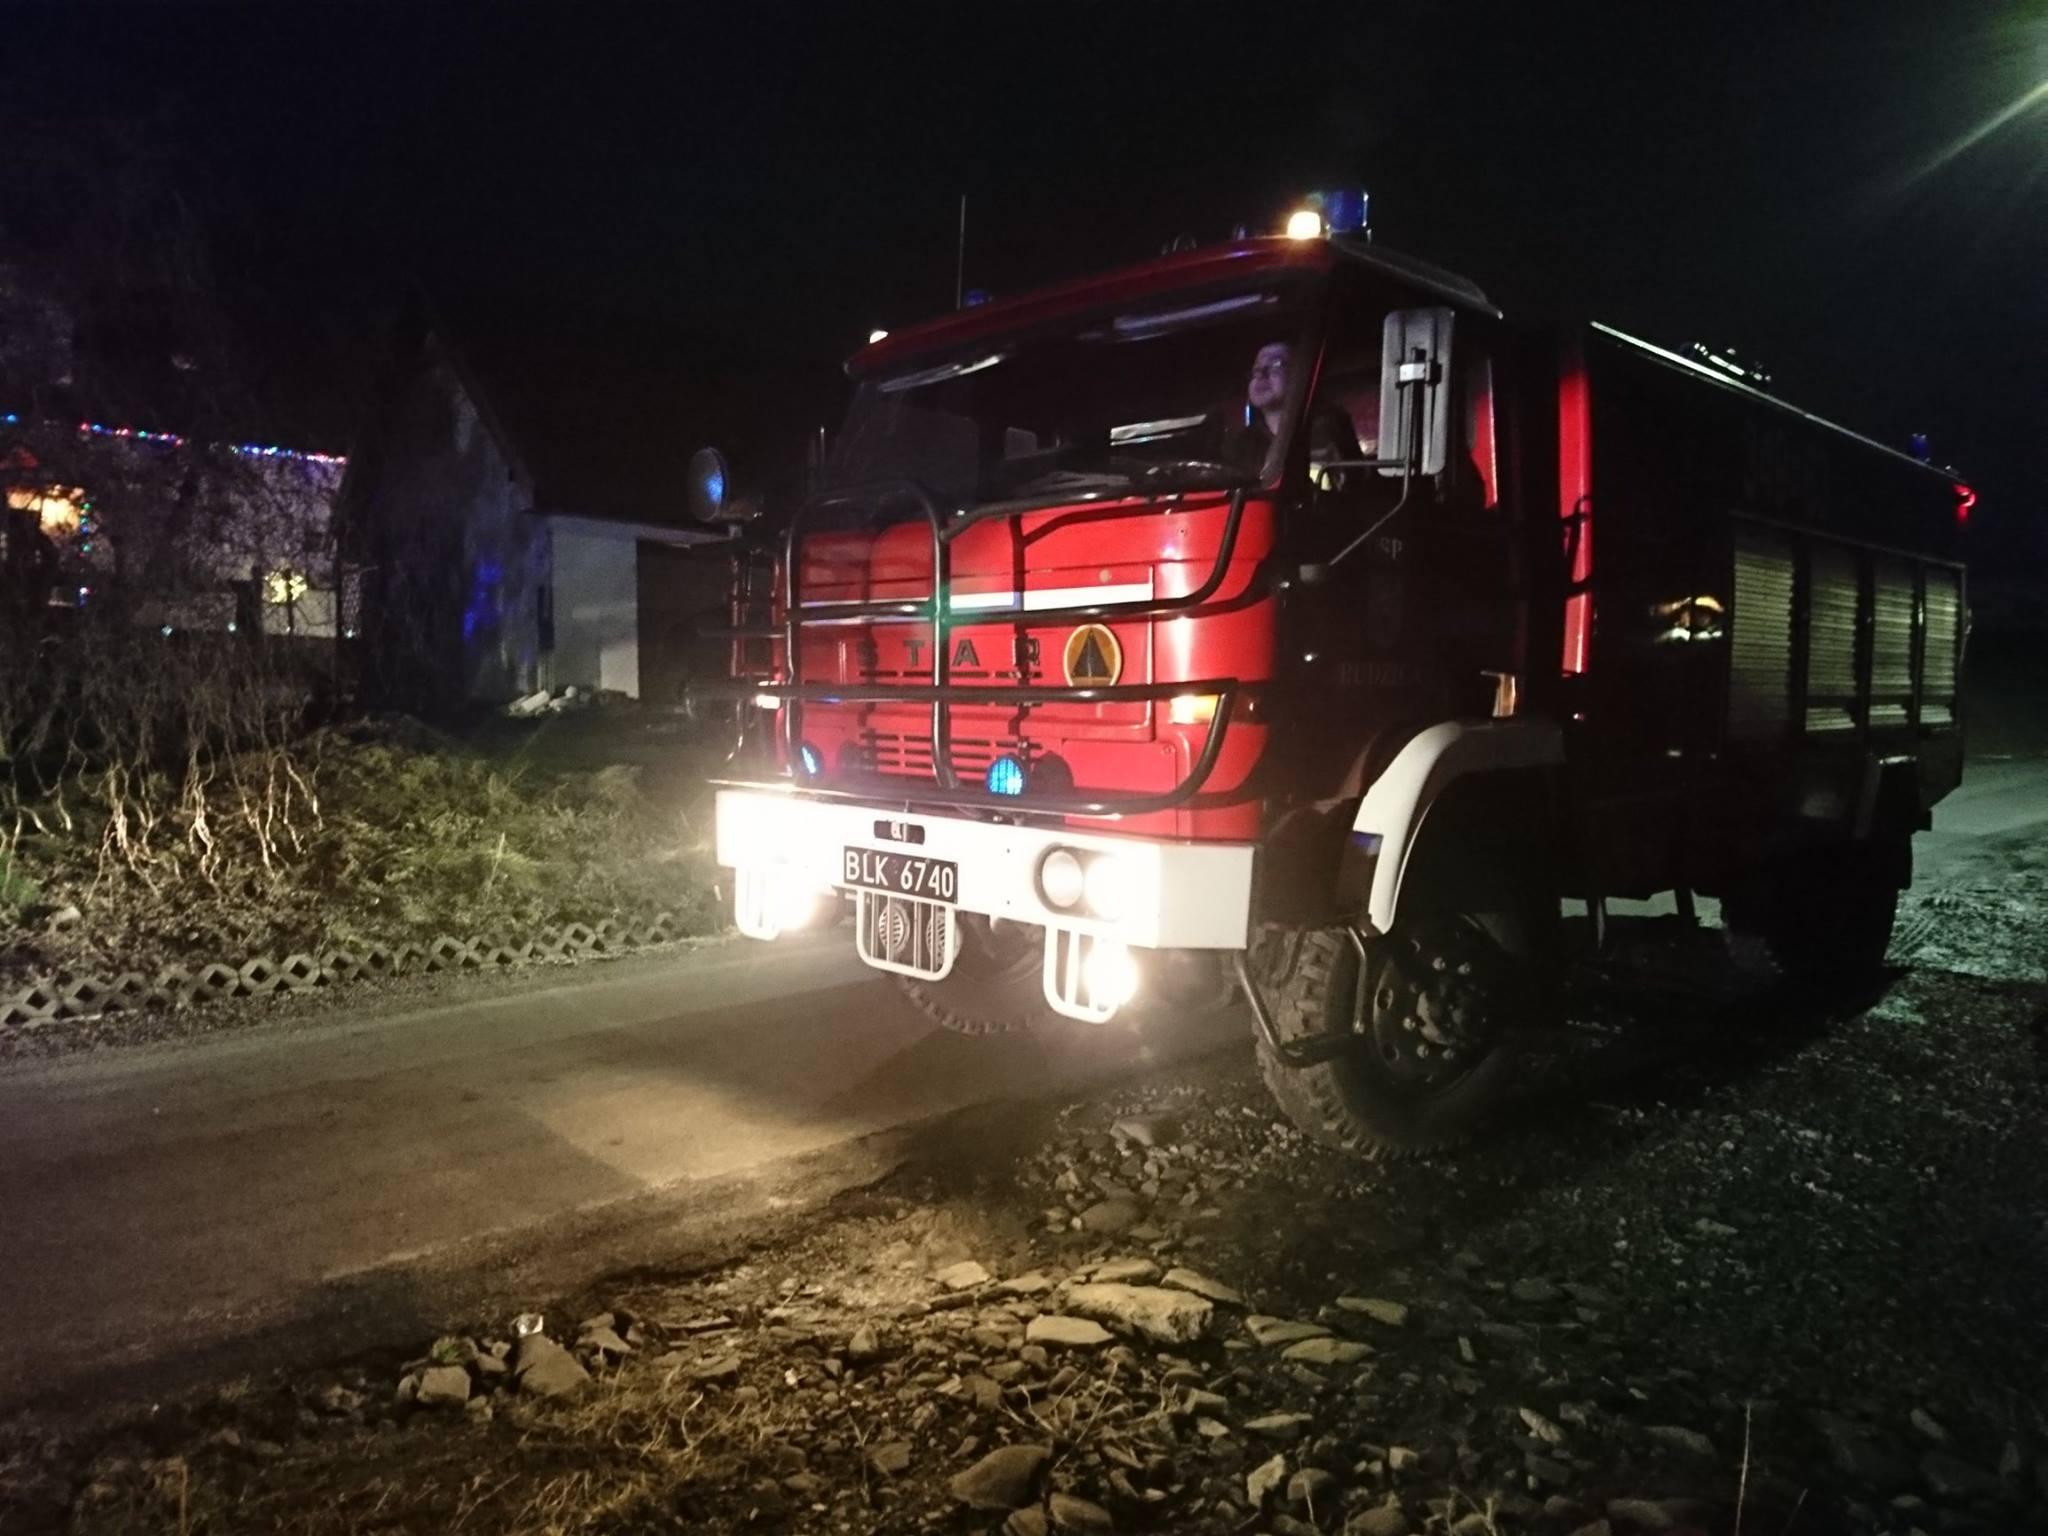 wóz strażaków, strażacy, grzybiarze